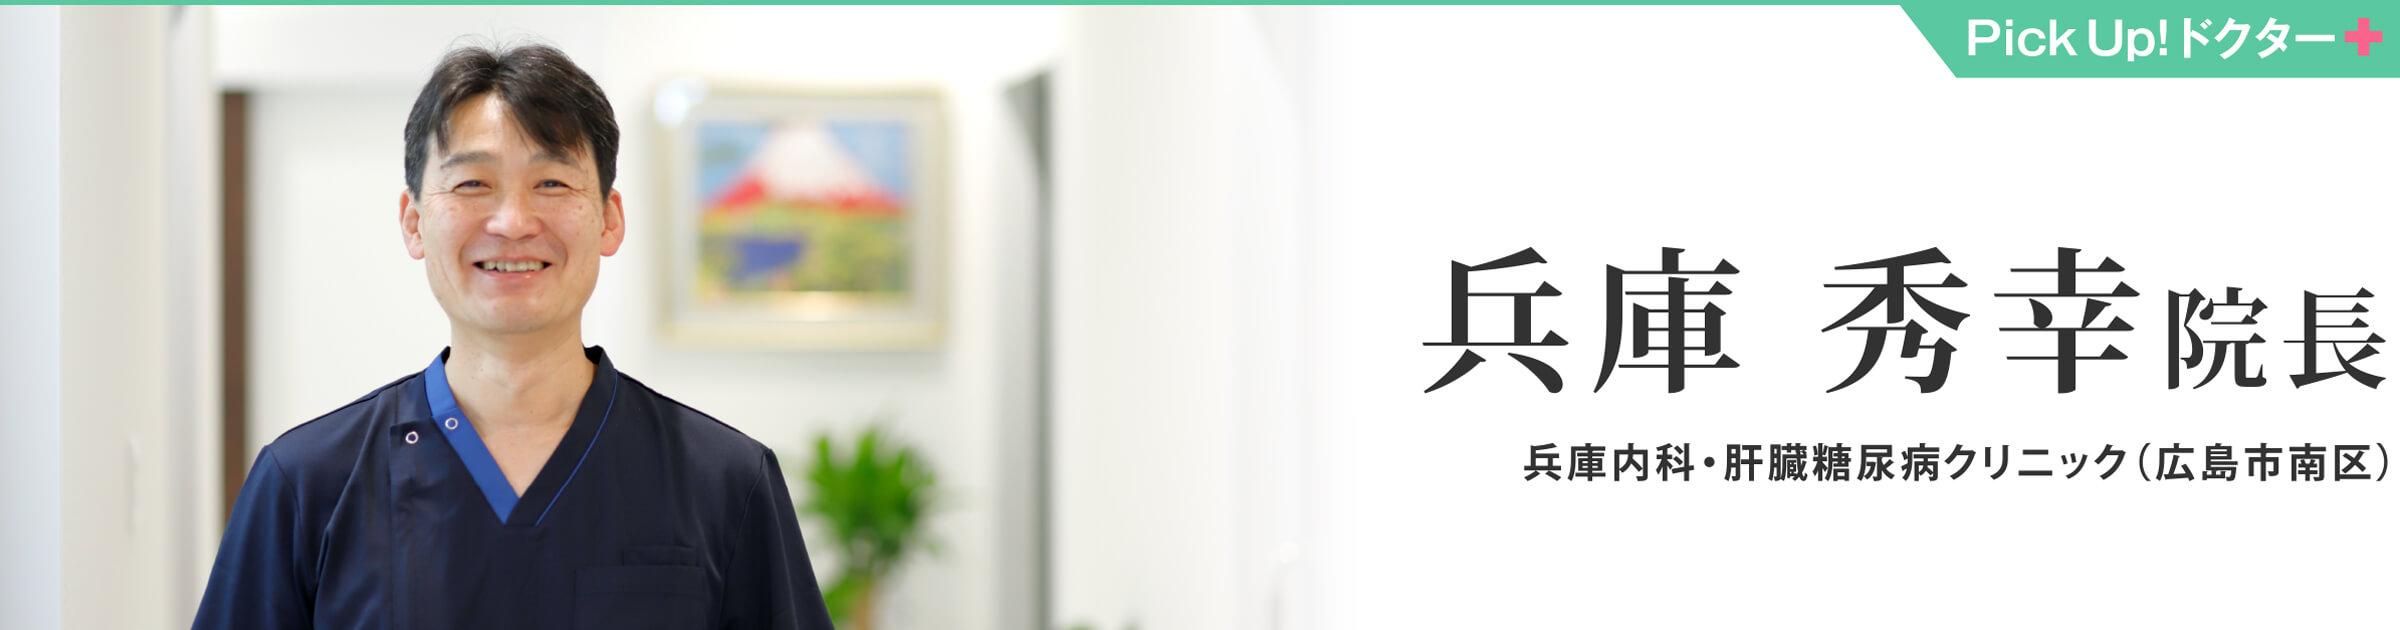 兵庫内科・肝臓糖尿病クリニック(広島市南区)兵庫 秀幸院長